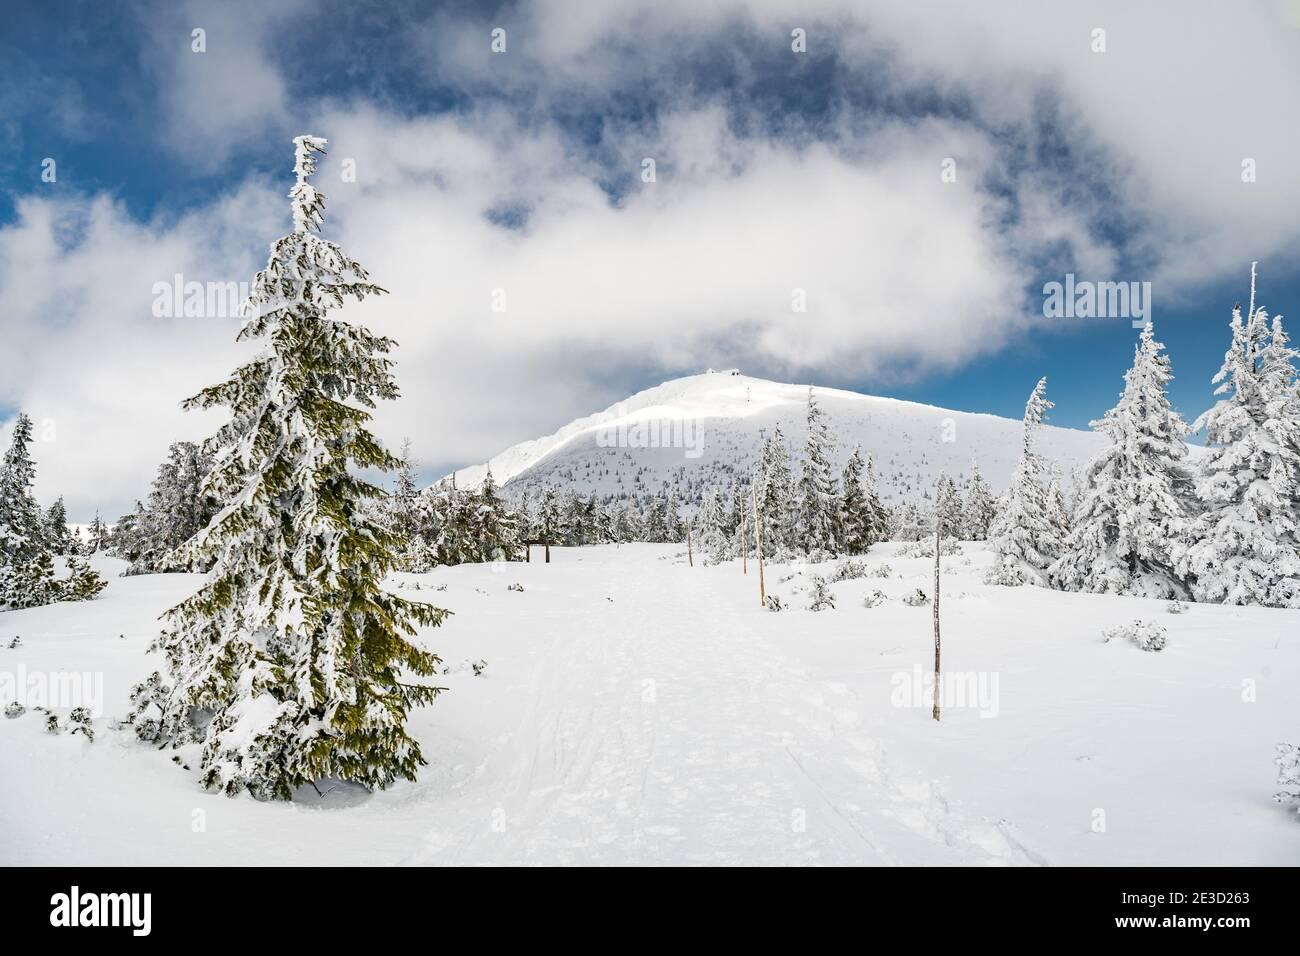 Vista a una ruta de senderismo que conduce a una cumbre de la montaña Snezka, la montaña Checa más alta. Situado en la frontera con Polonia. Imagen de invierno de Foto de stock